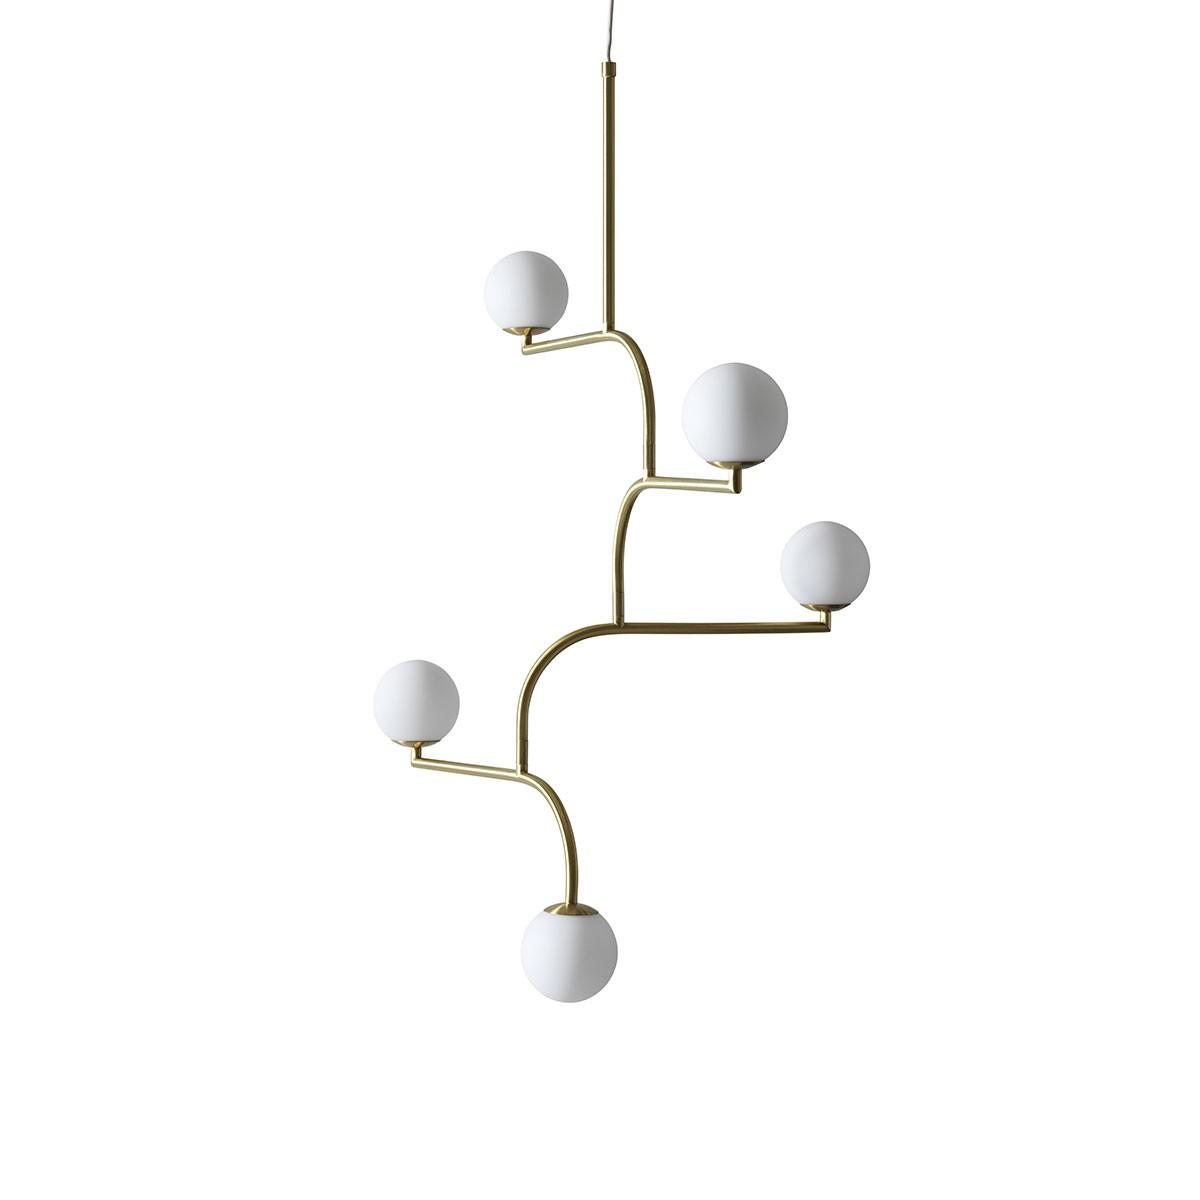 suspension-mobil-dore-pholc-5-boules